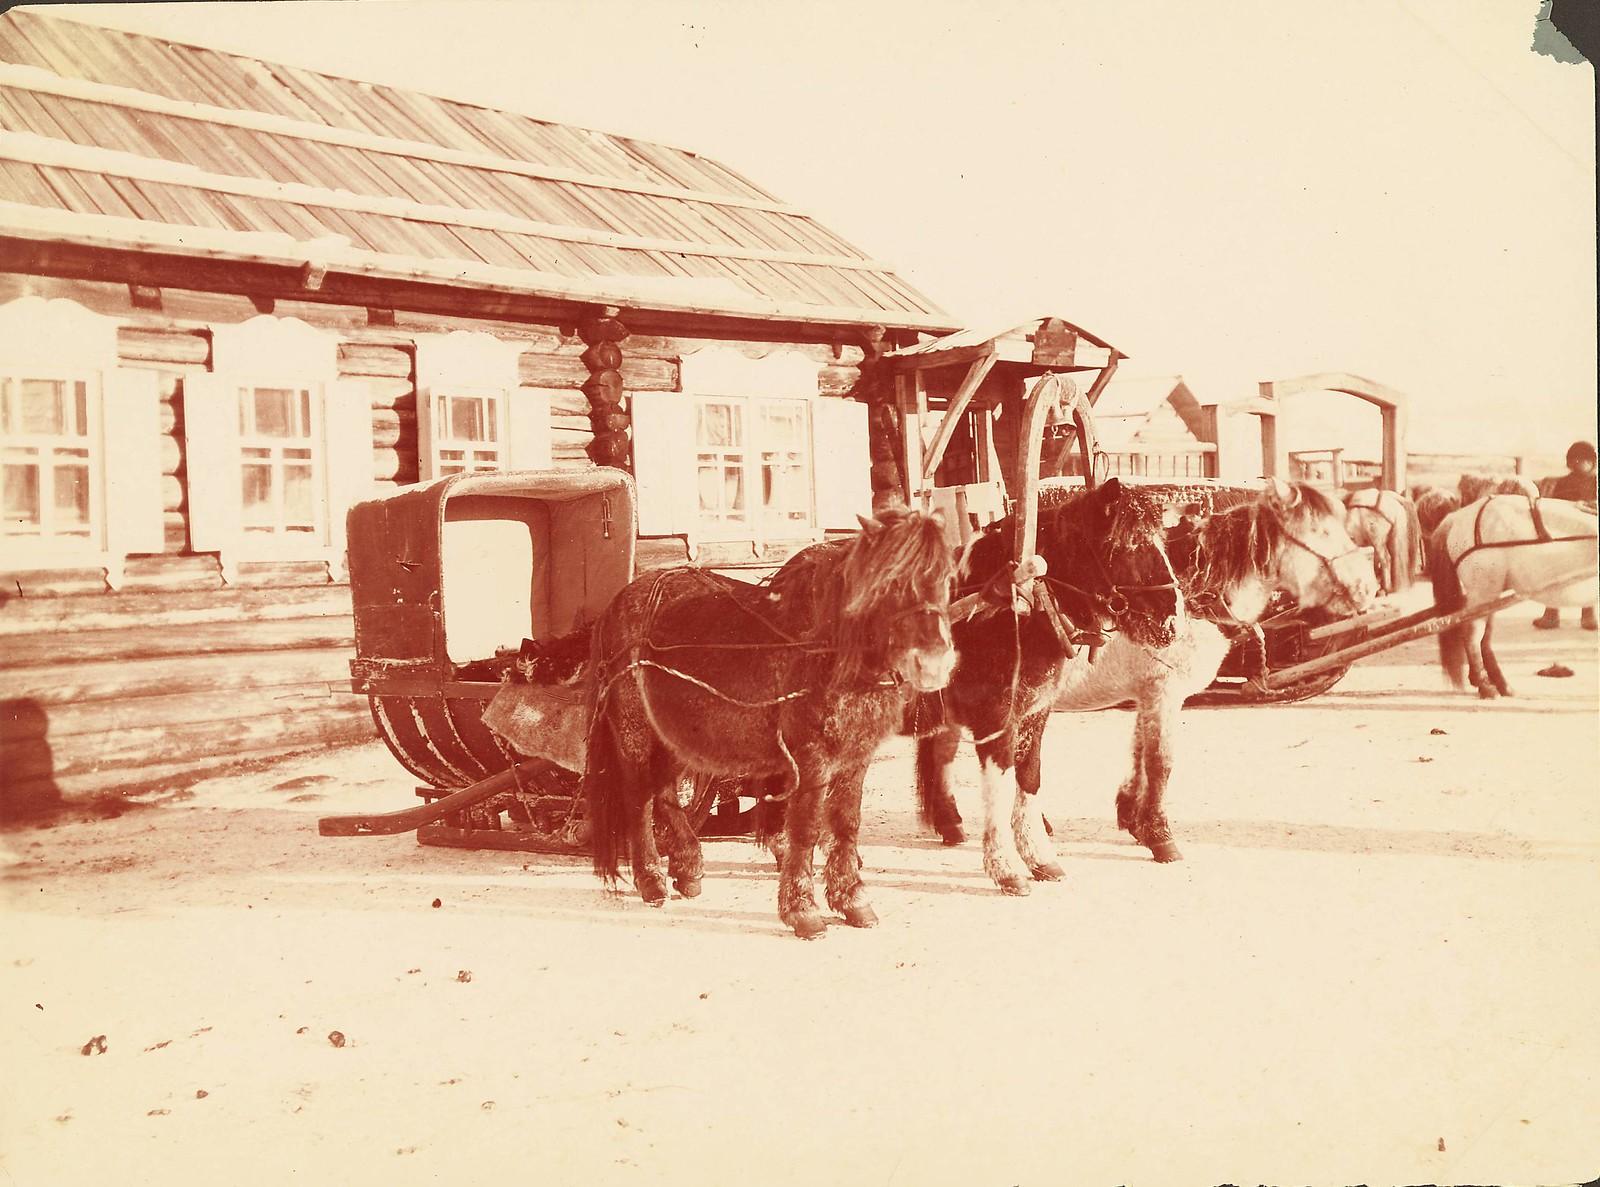 Хабаровская почтовая станция. Типичные почтовые санки и пони, используемые в транссибирских путешествиях. (санки, в которых я катался за 4000 верст - почти 3000 миль